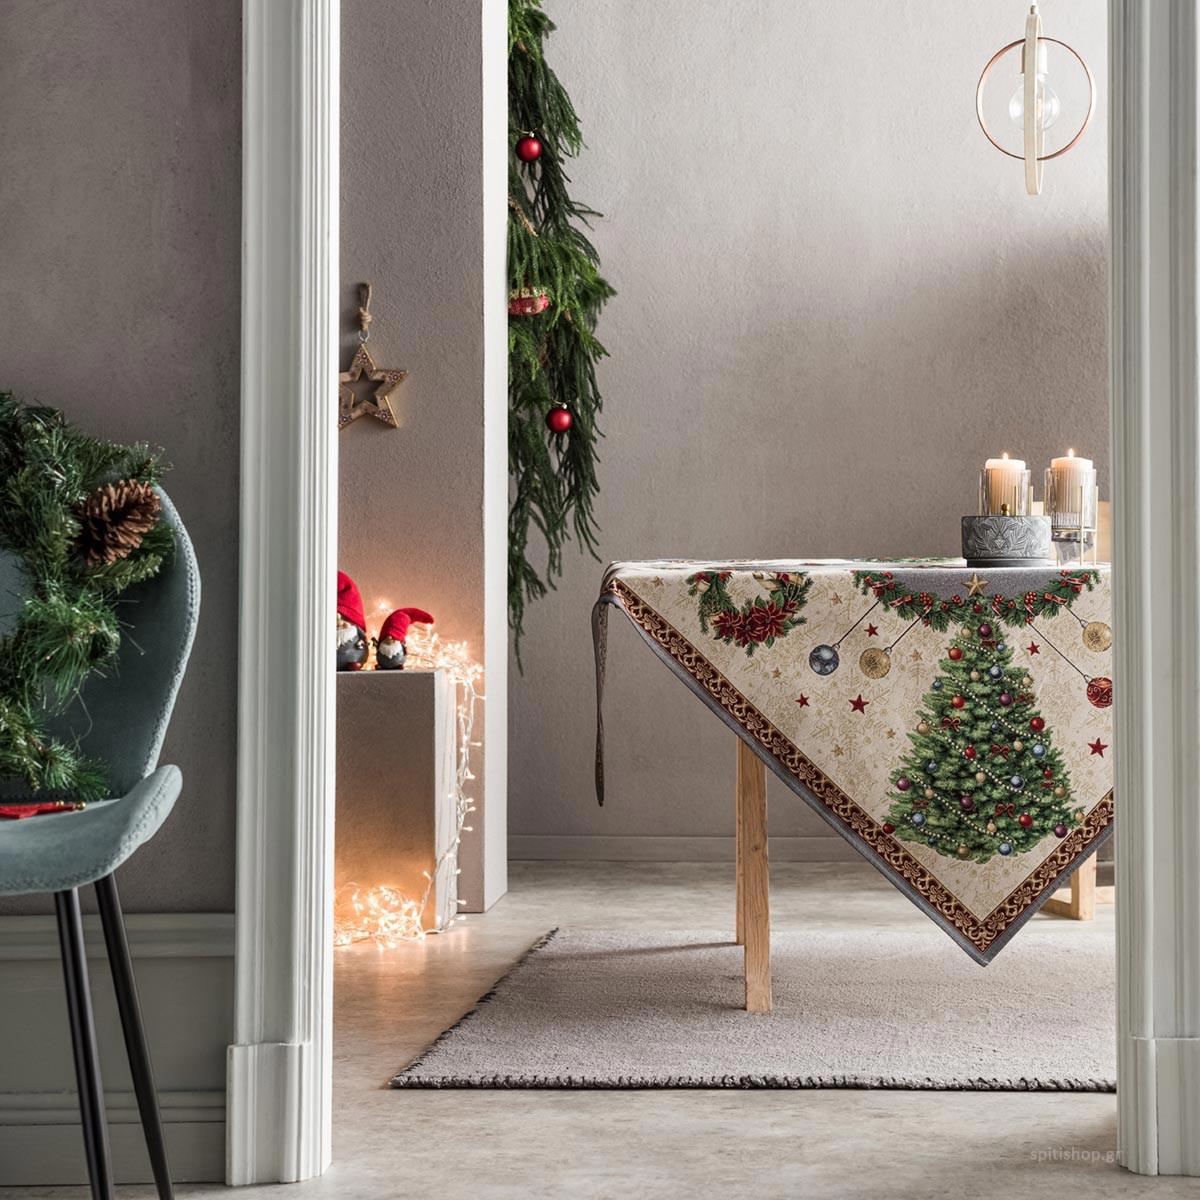 Χριστουγεννιάτικο Τραπεζομάντηλο (135×180) Gofis Home 718